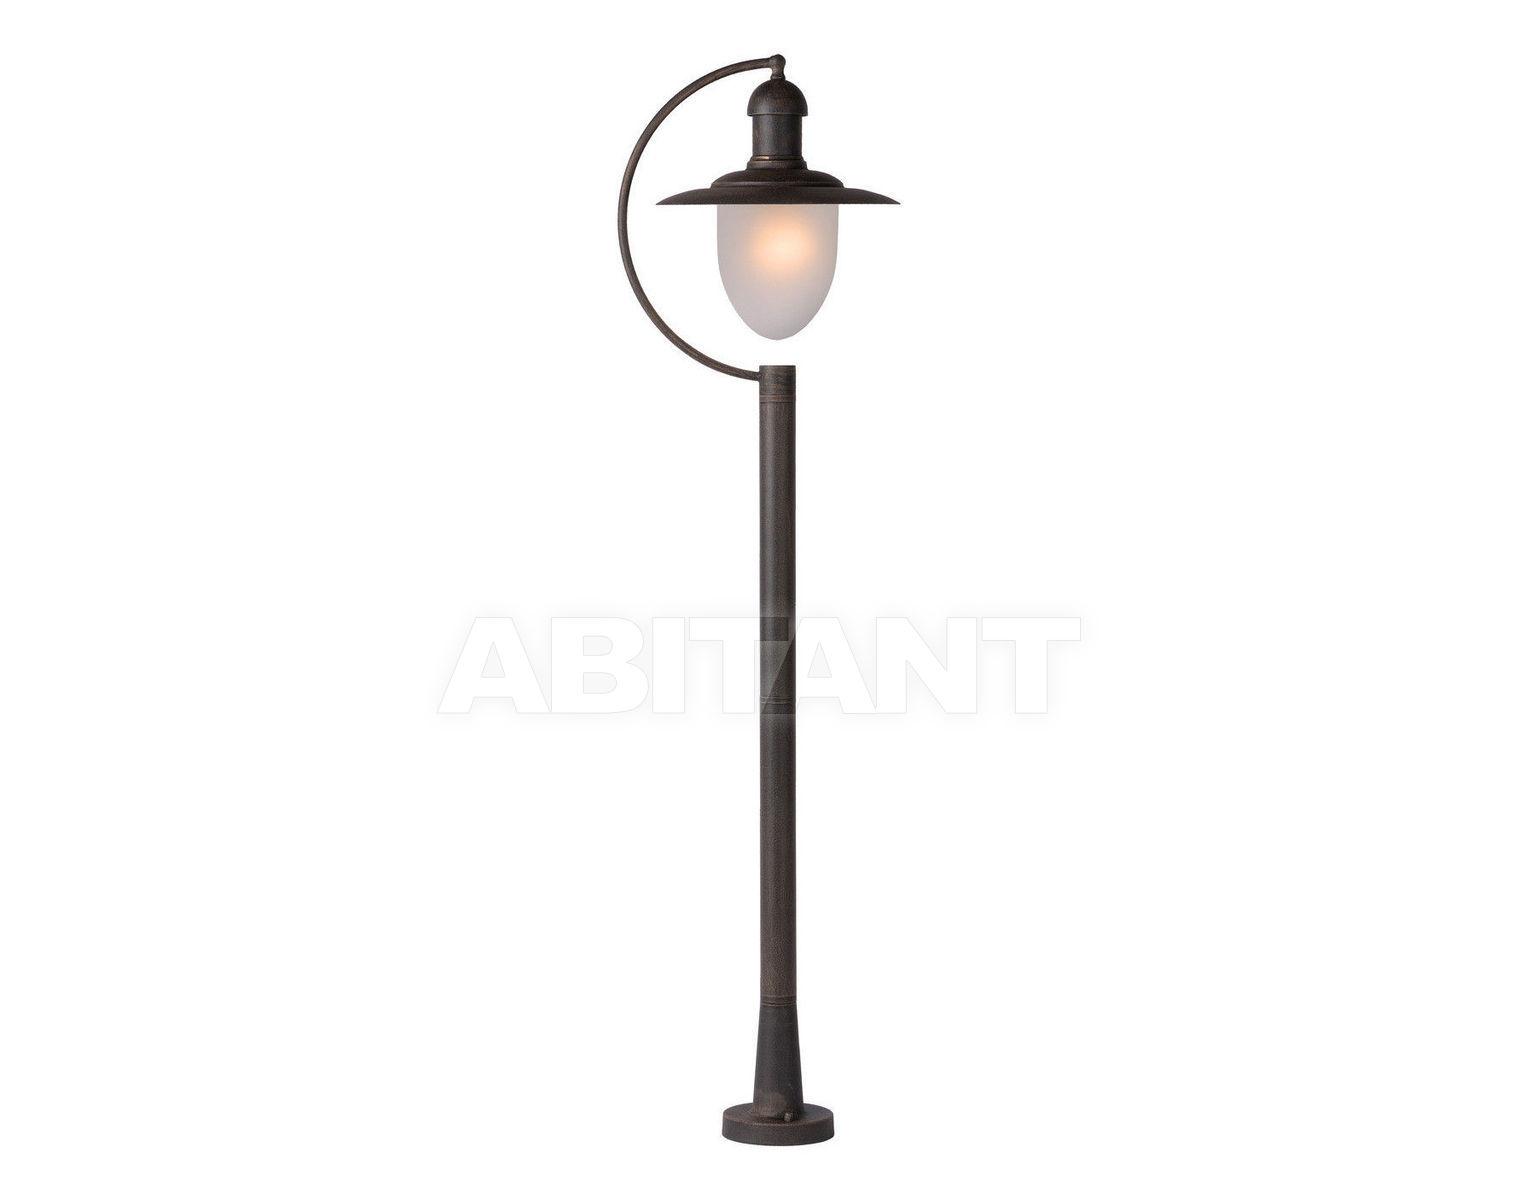 Купить Садовый светильник Lucide  Outdoor 2013 11873/01/97